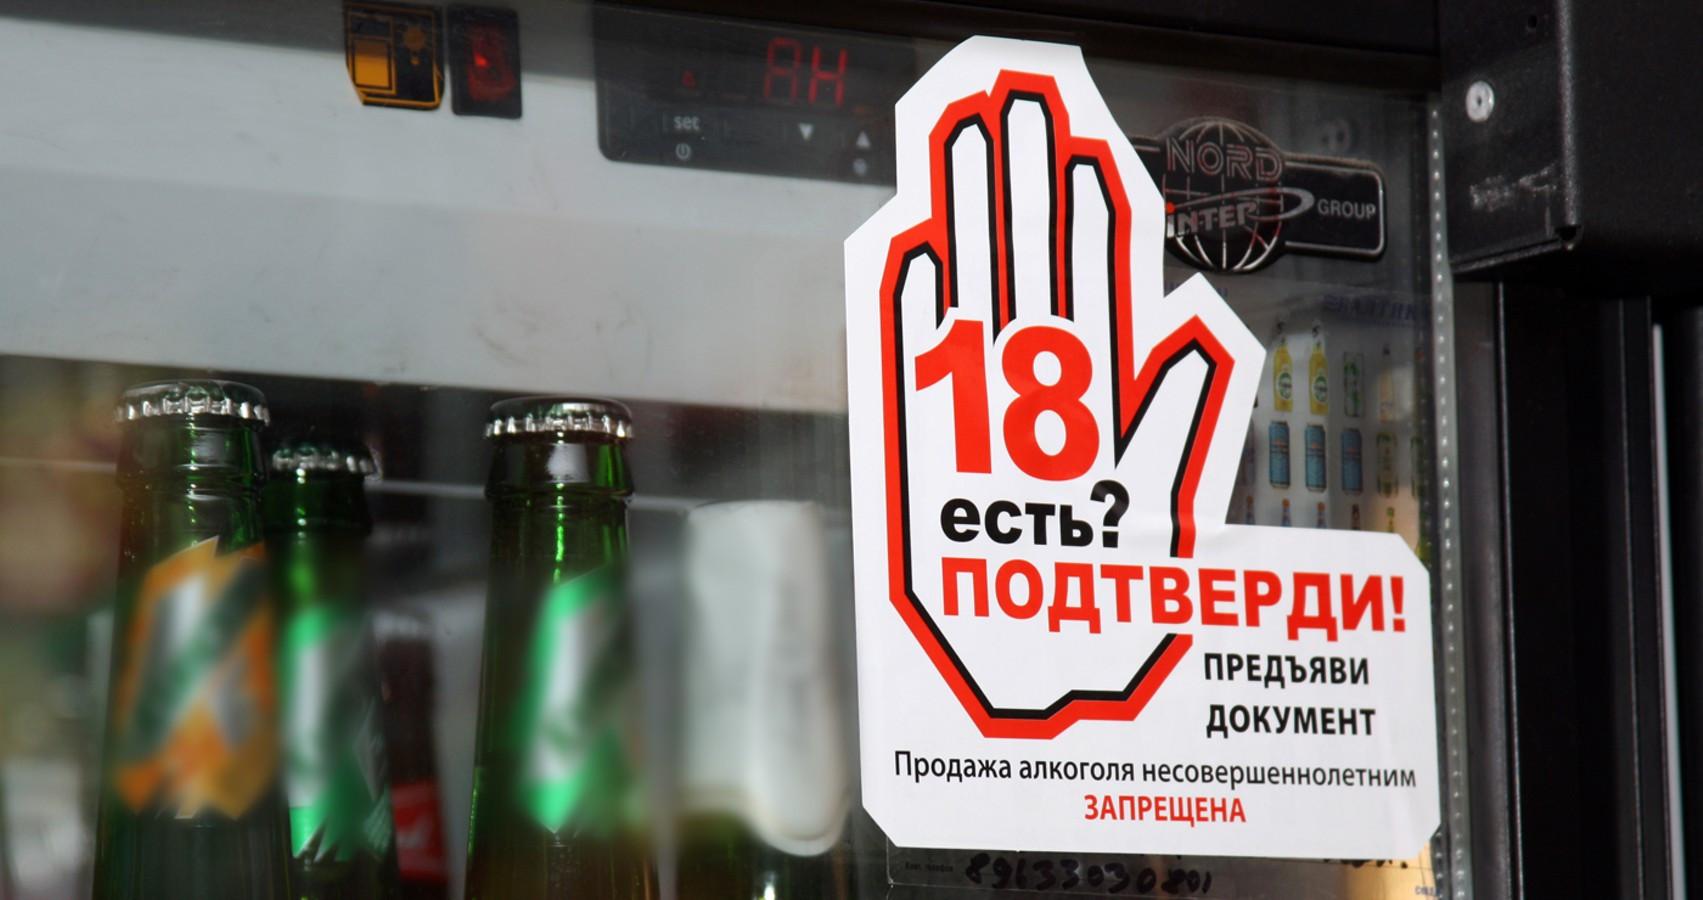 Продажа табачных изделий несовершеннолетним ответственность продавца нижний новгород купить сигареты корона